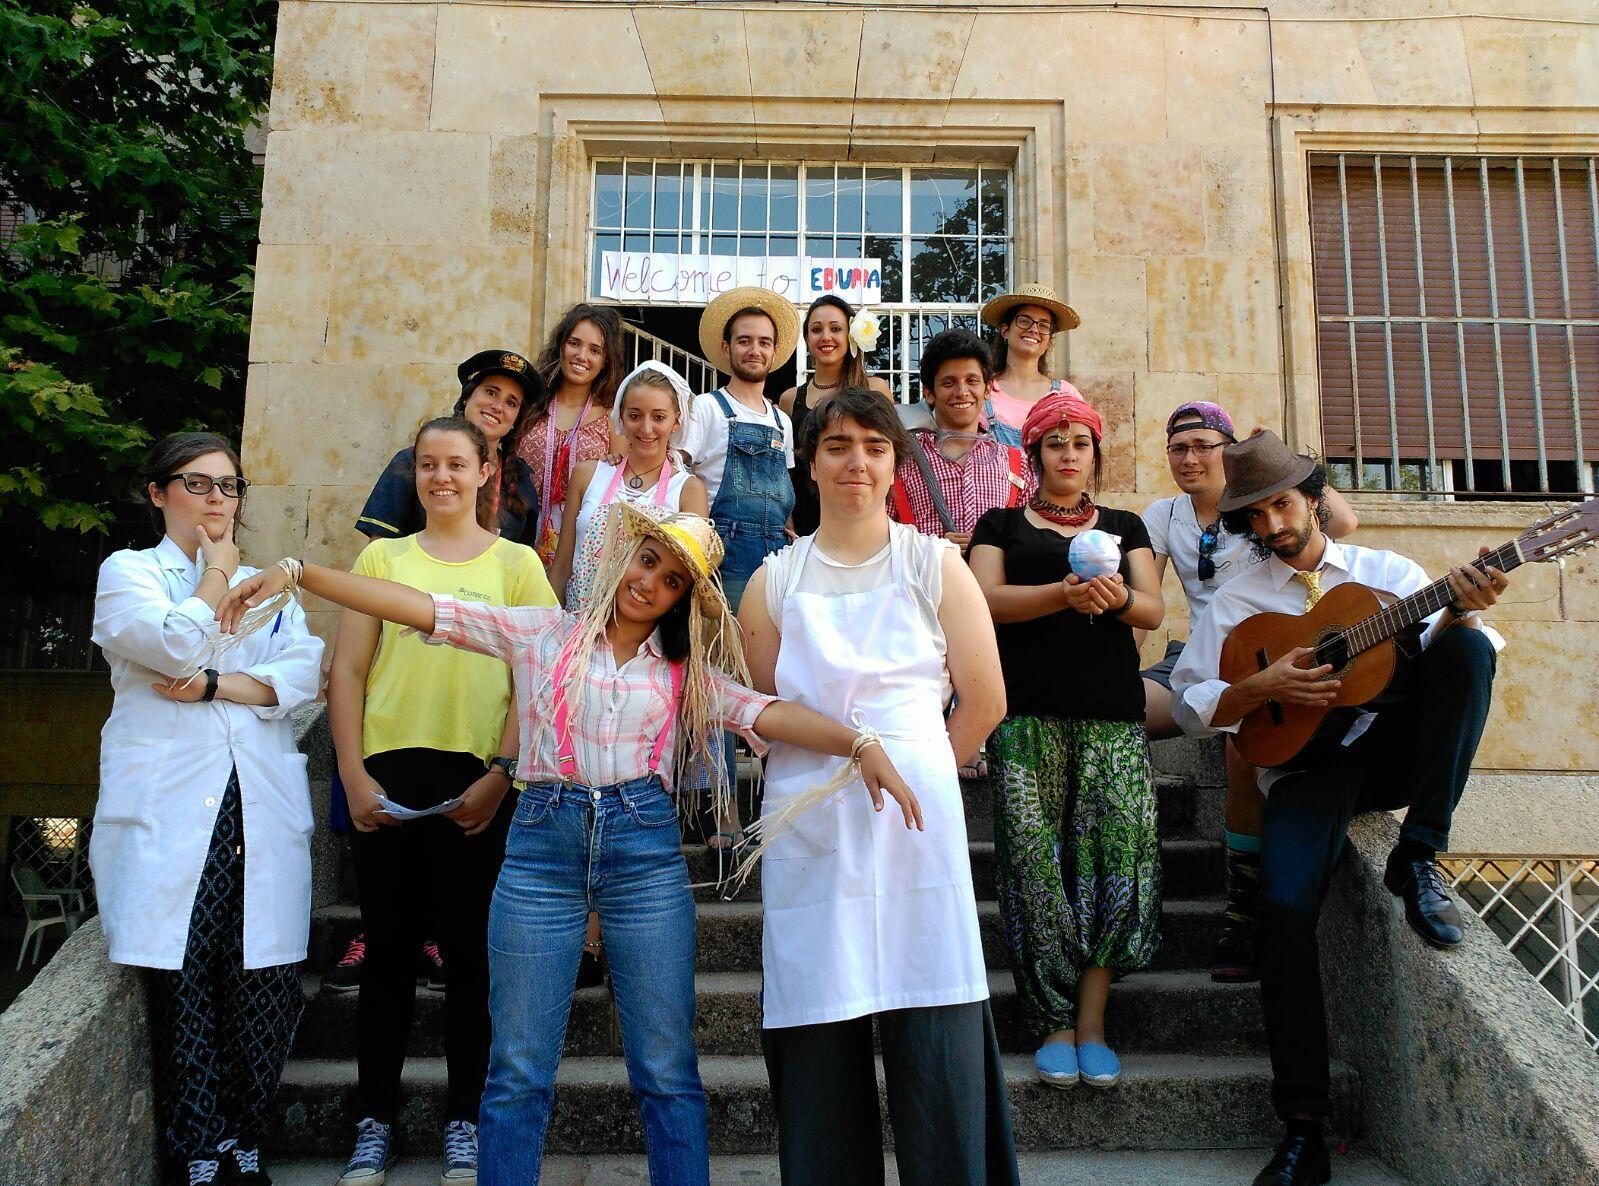 Campamento Residencial Salamanca con idiomas: monitores disfrazados